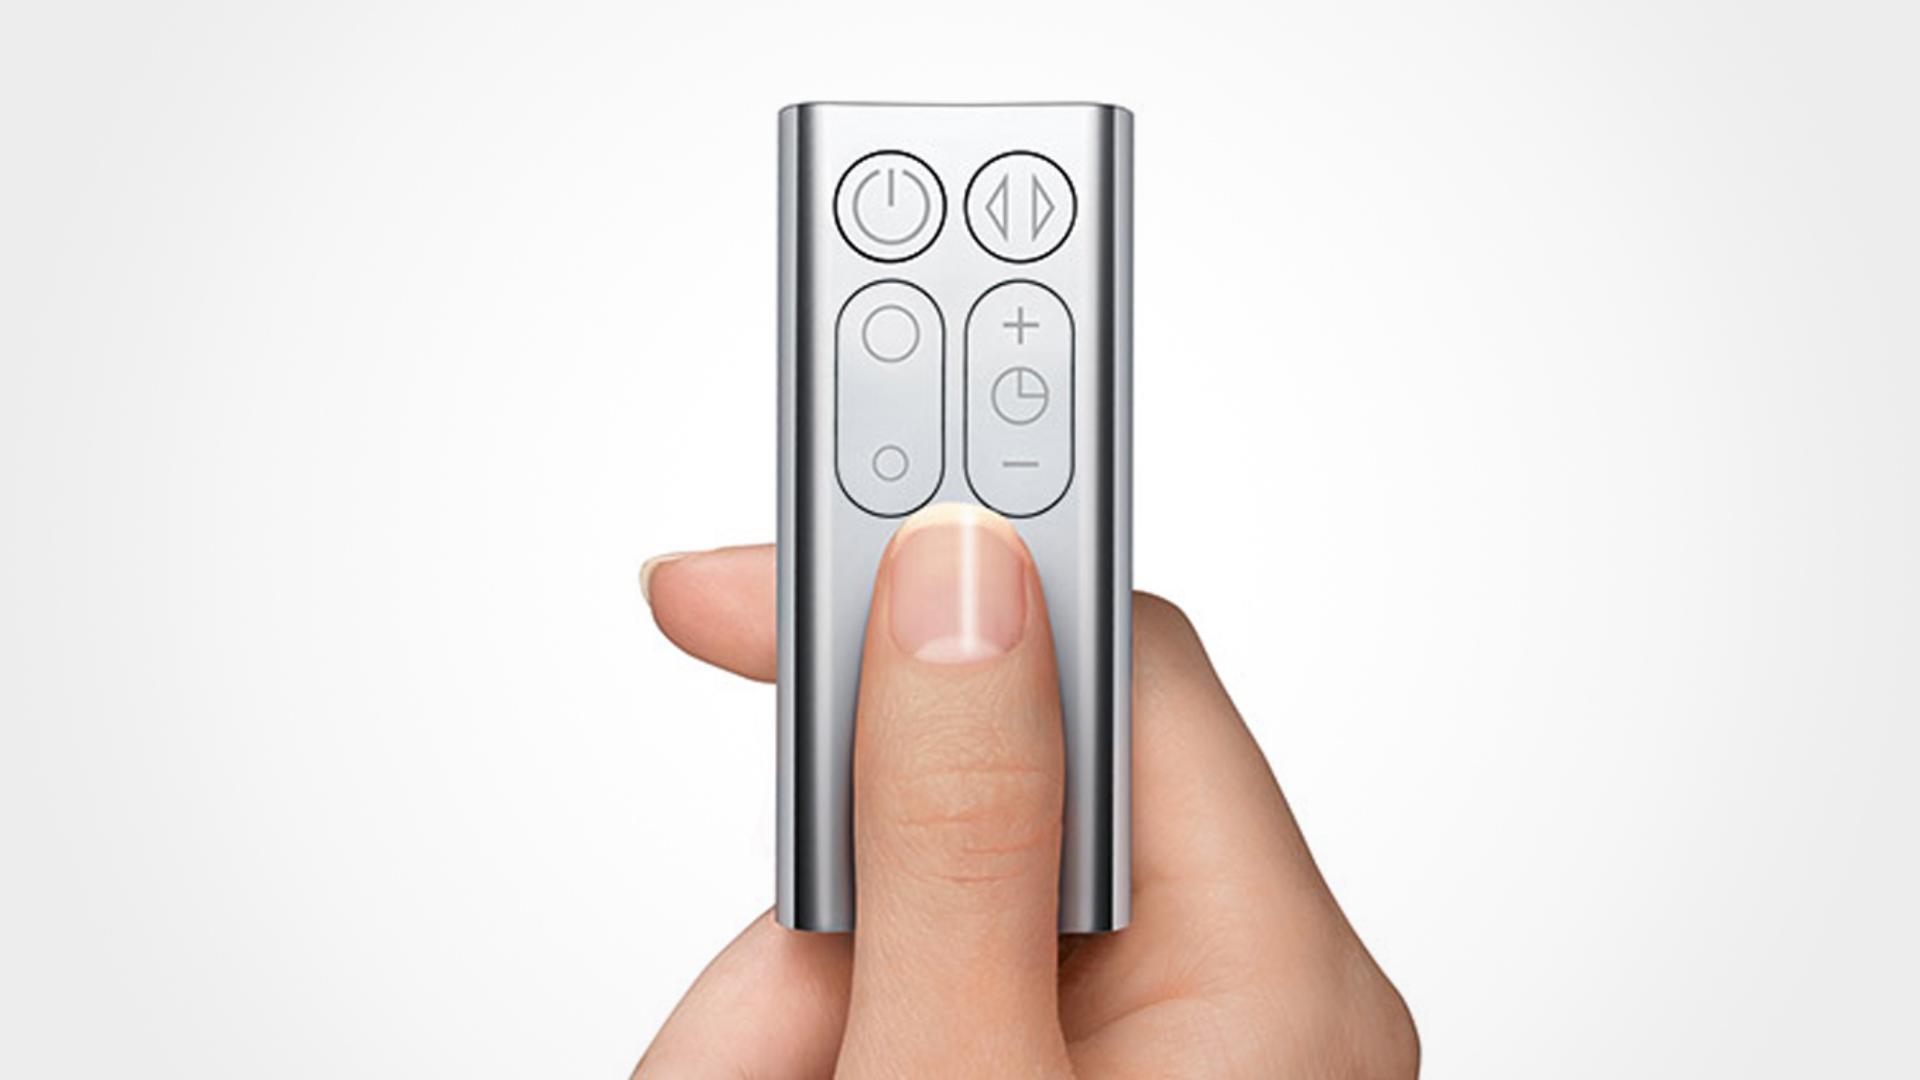 Dyson remote control